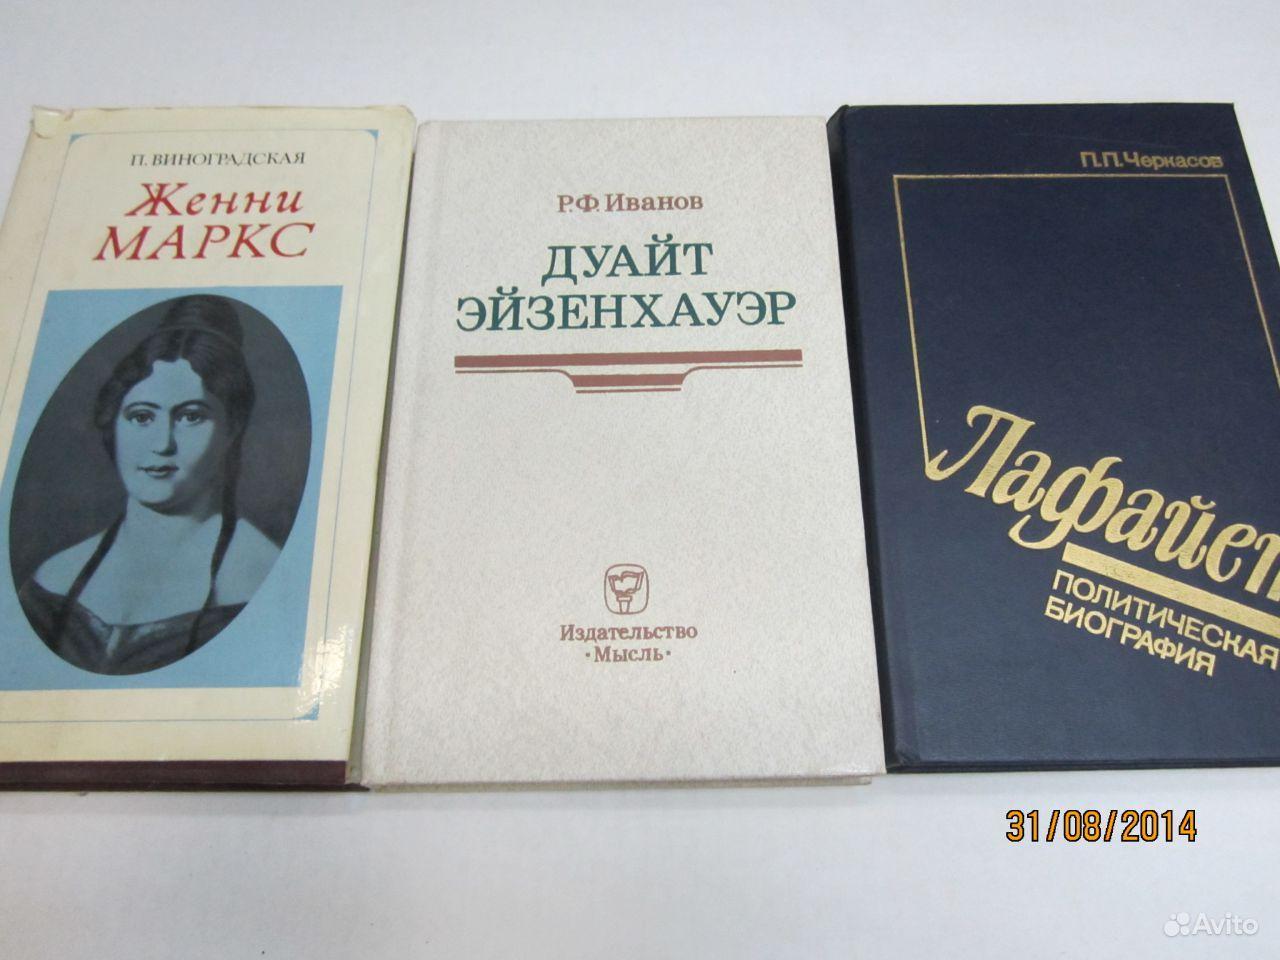 Объявление Книги издательства Мысль (4 фотографии). Книги из с